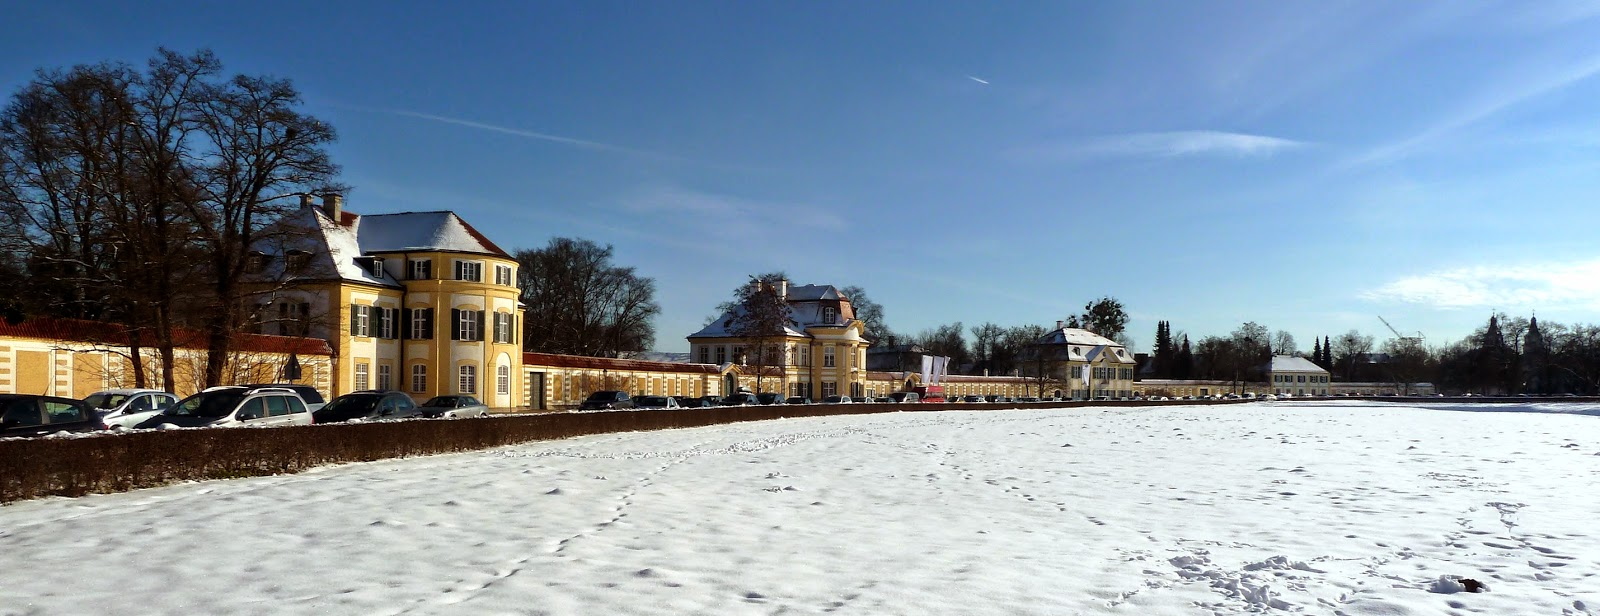 Chateau Nymphenburg, la résidence d'été des rois de Bavière à Munich 20